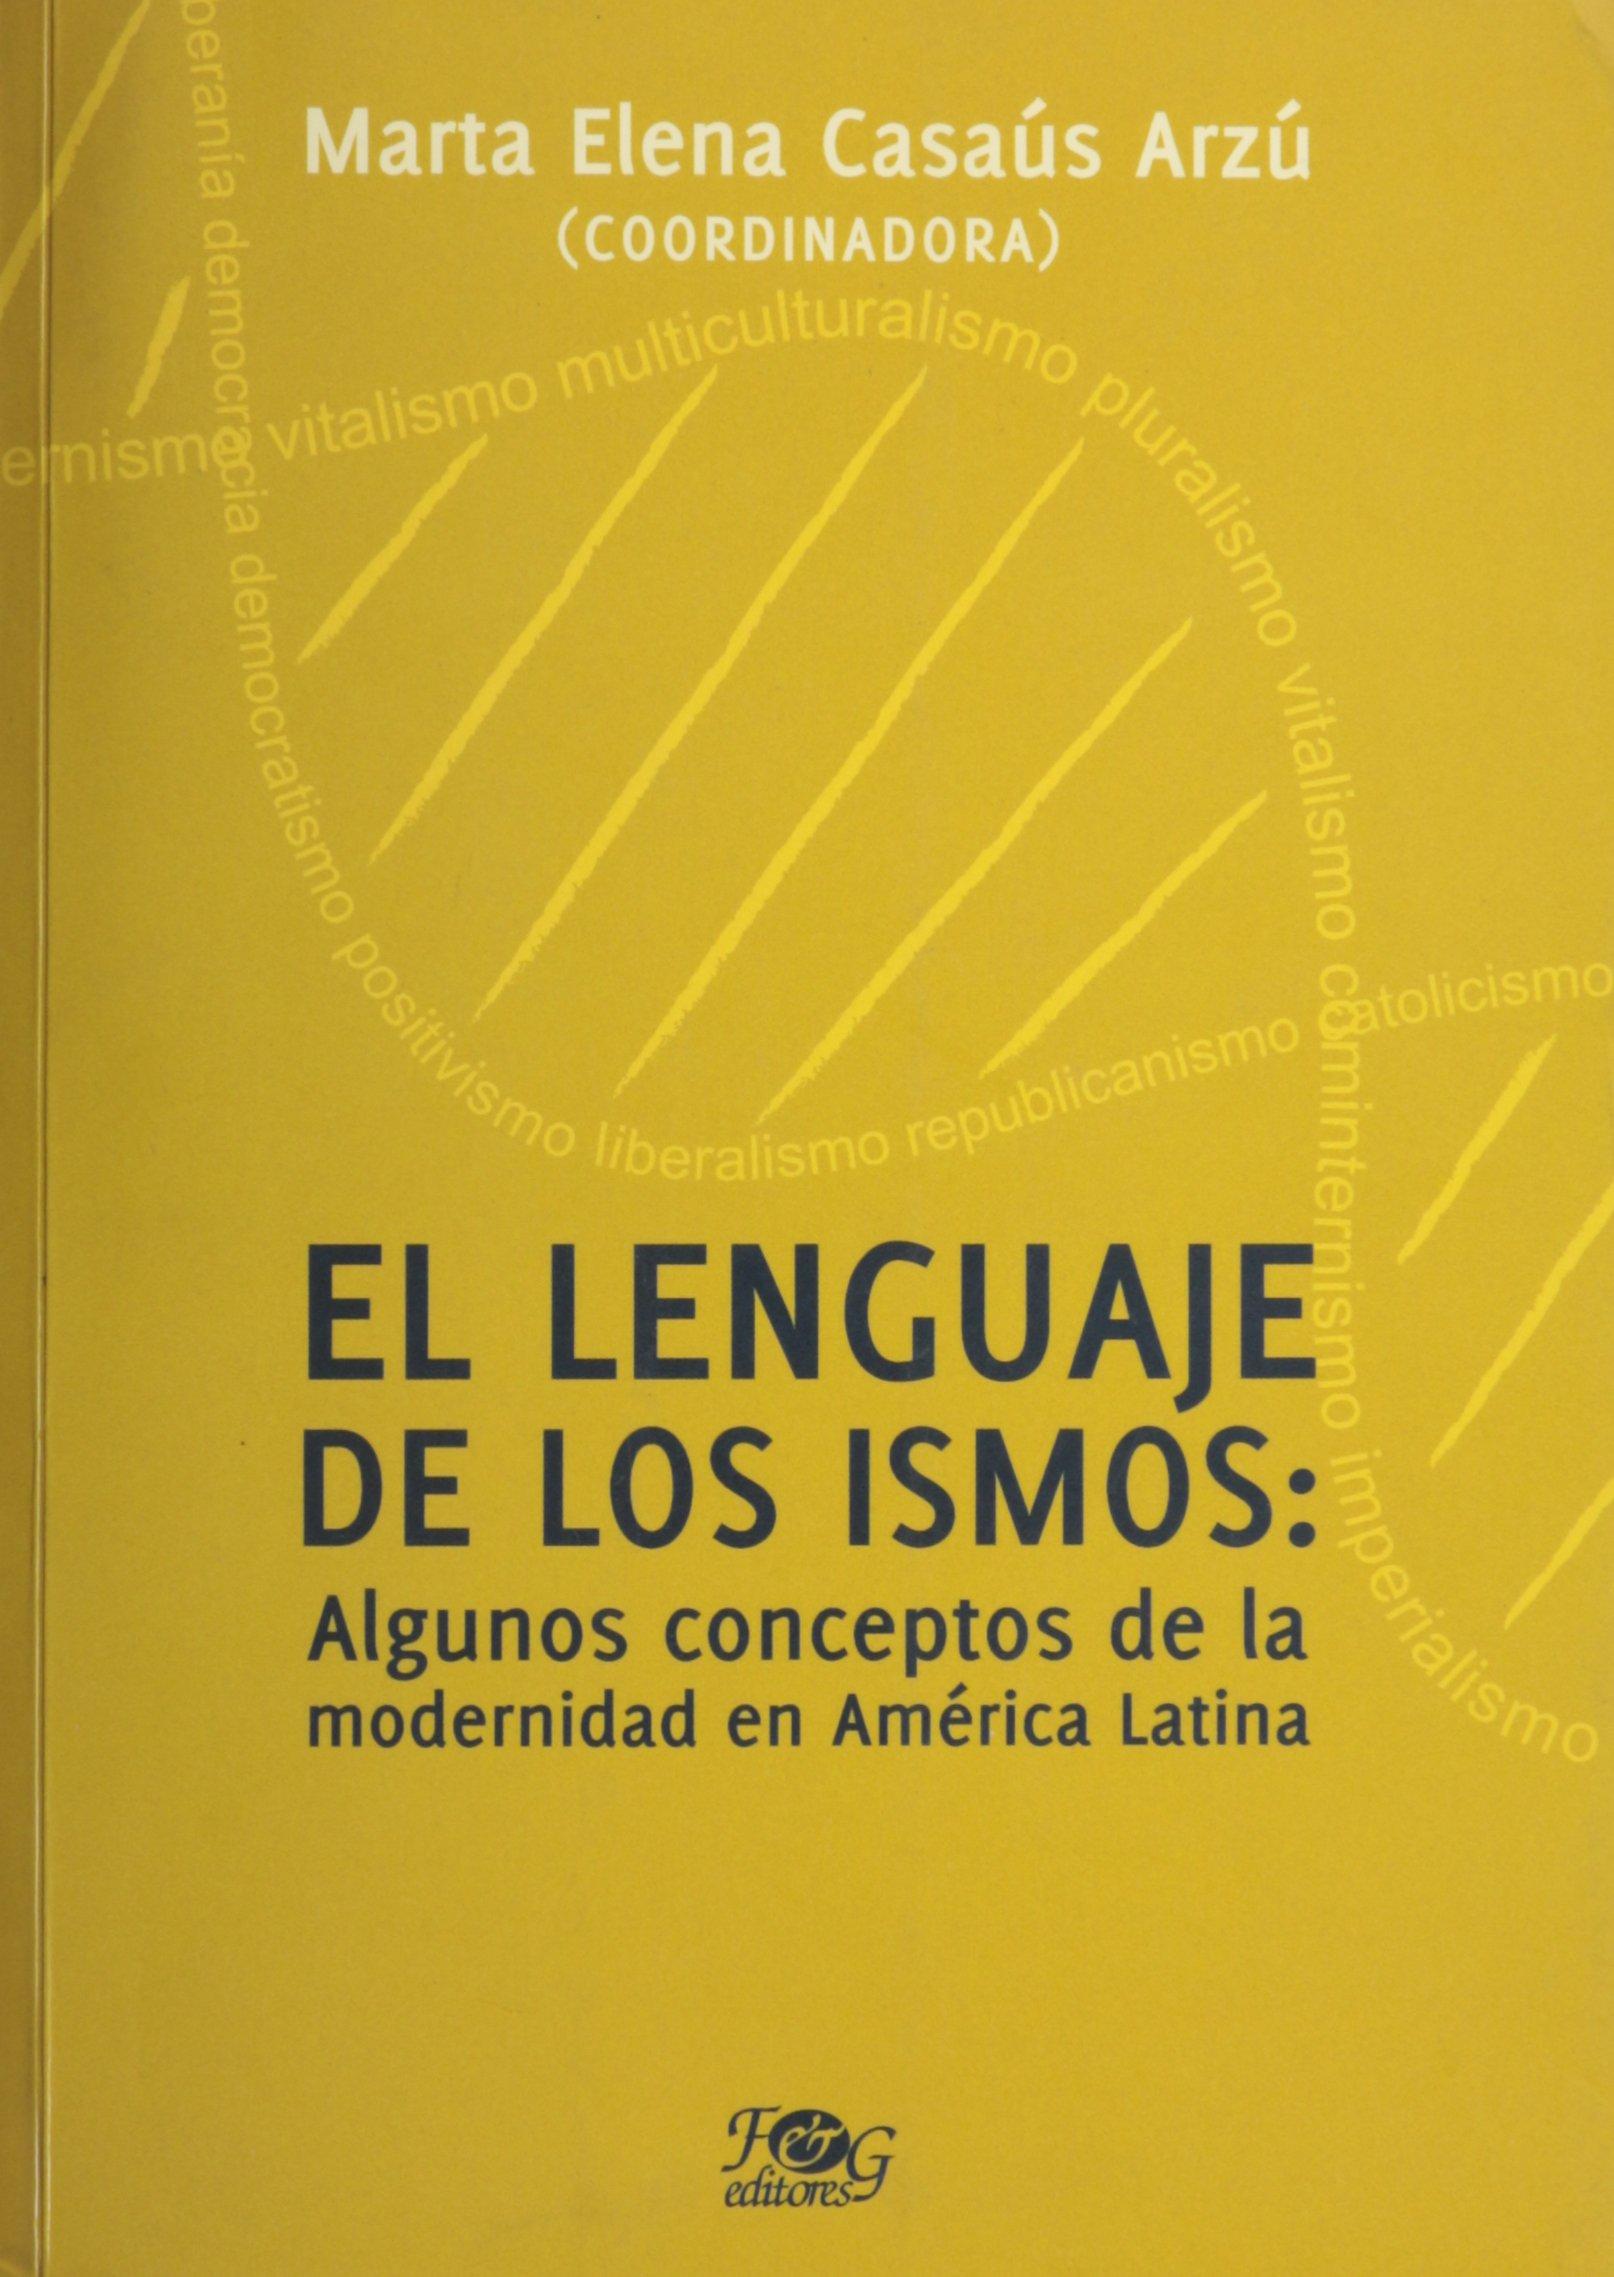 El lenguaje de los ismos / The Language of Isms: Algunos conceptos de la modernidad en America Latina / Some Concepts of Modernity in Latin America (Spanish Edition) pdf